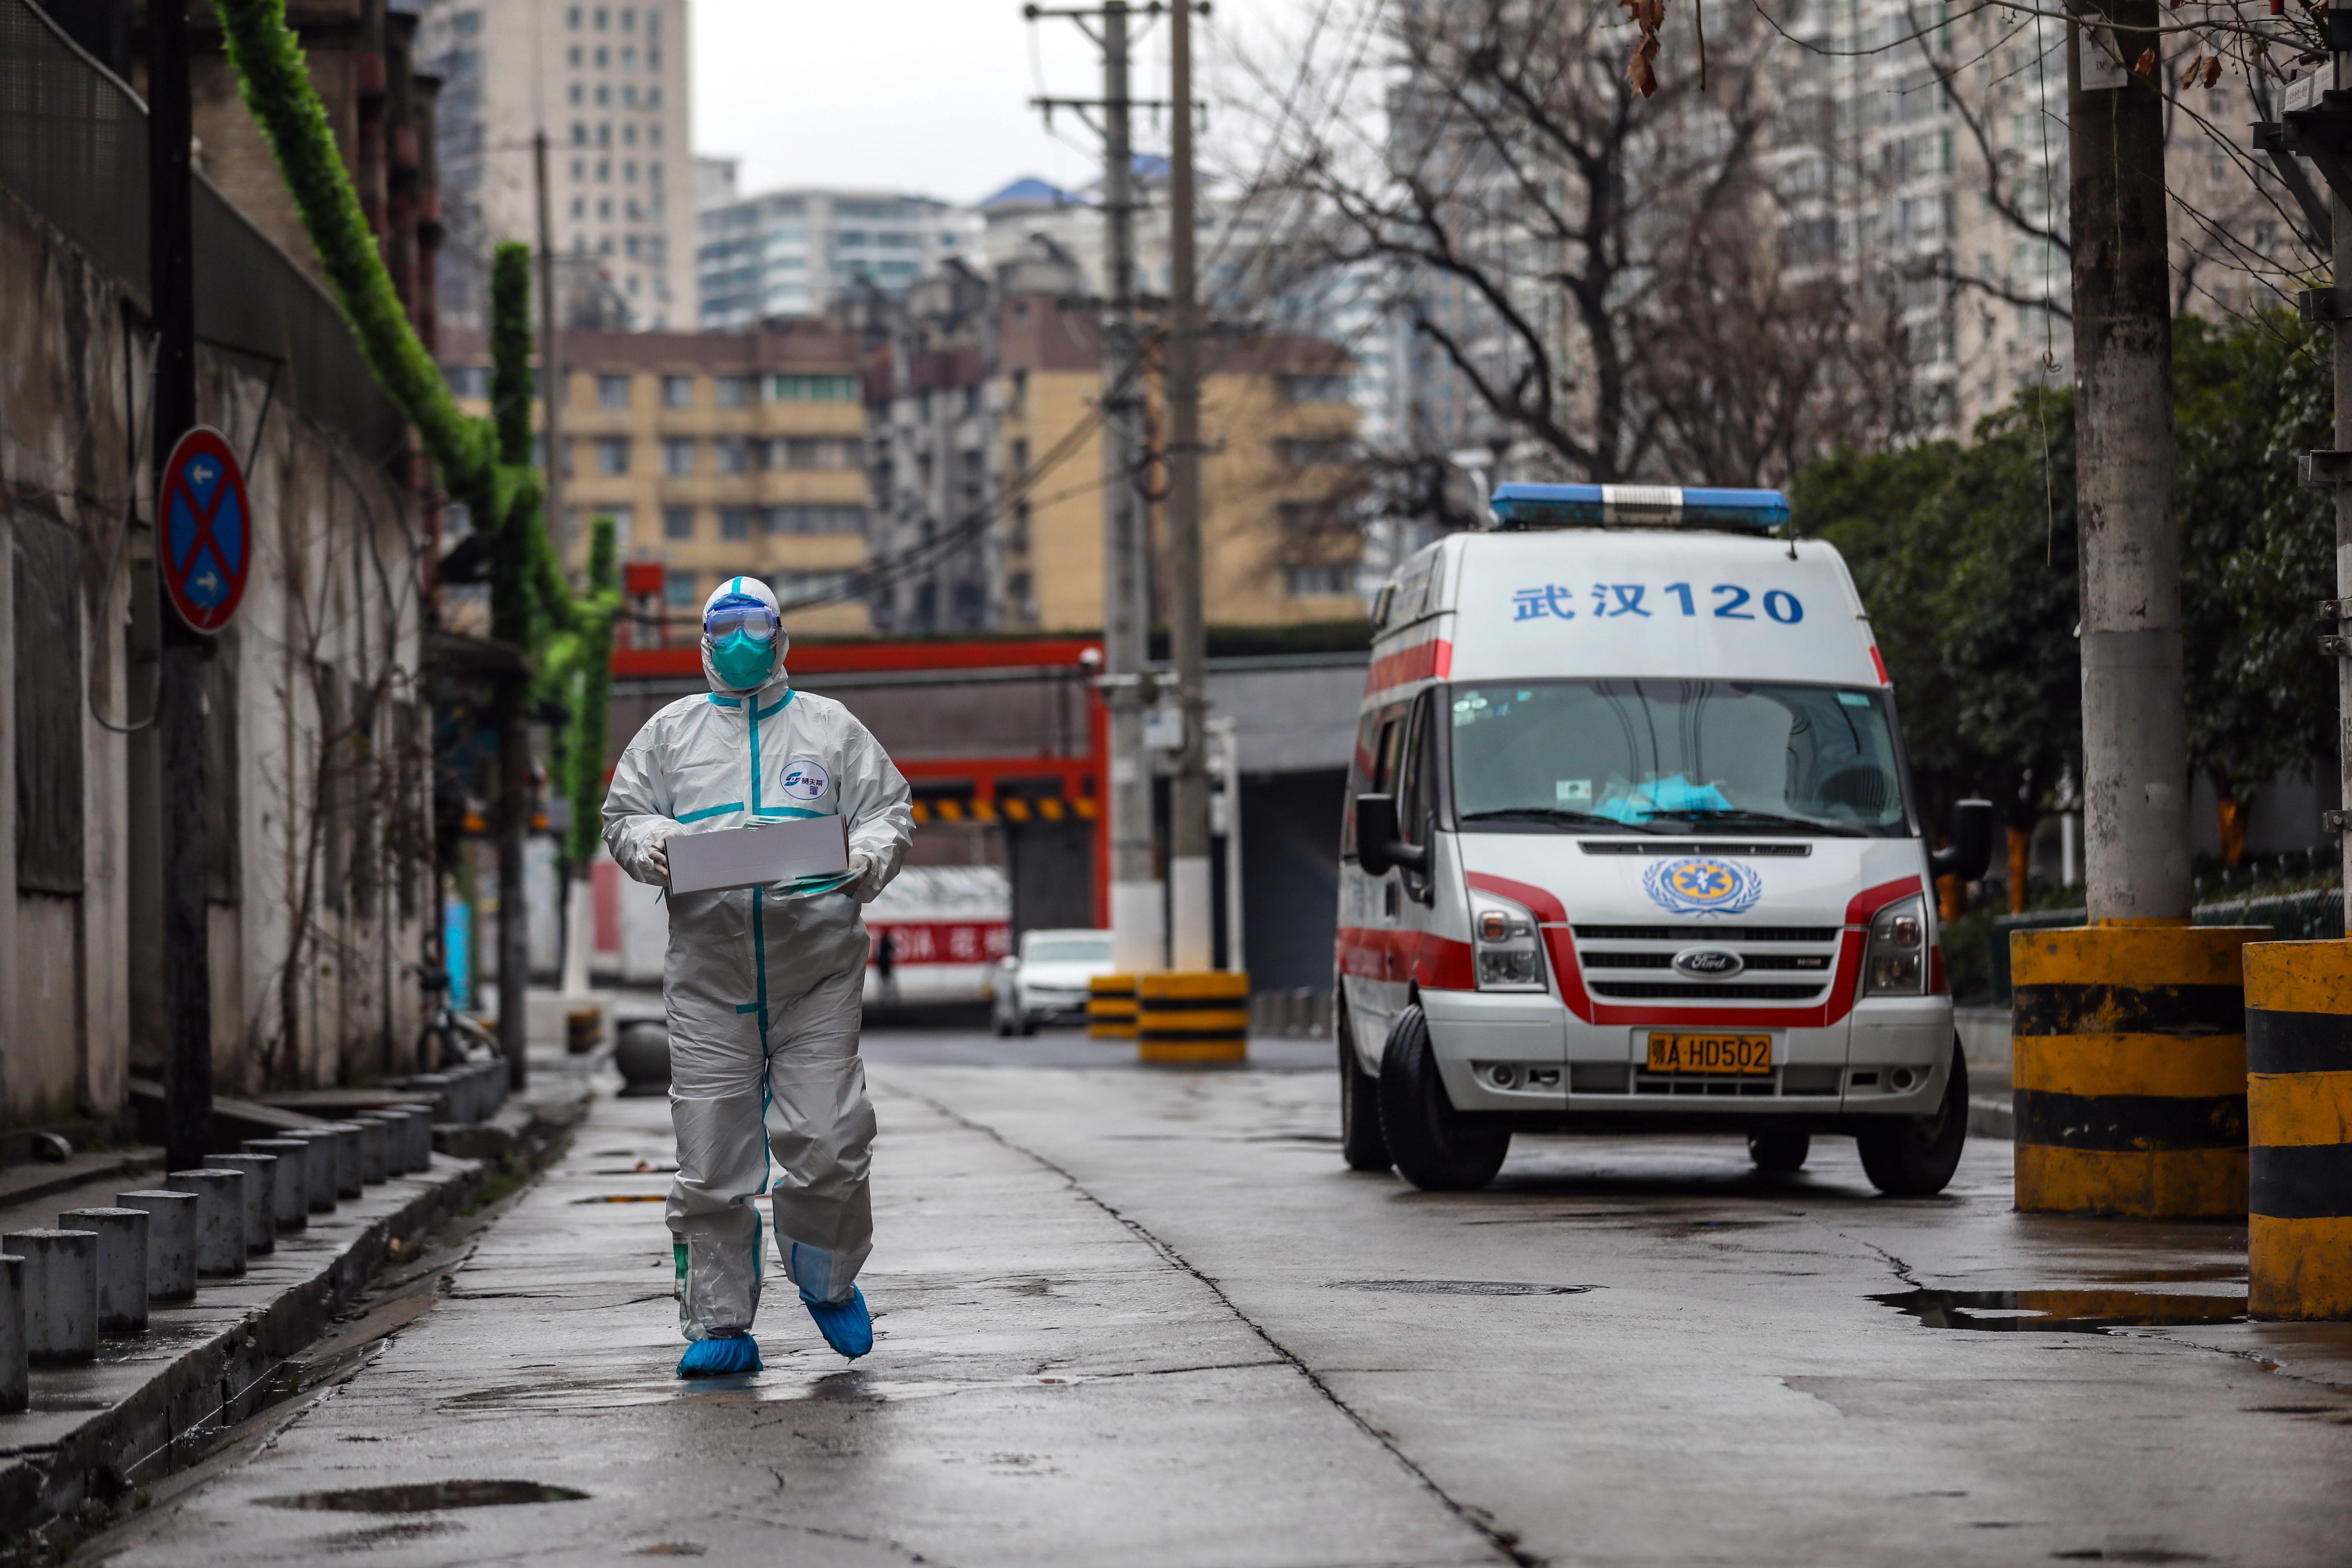 우한 병원에 의료용품 전달하는 구급요원